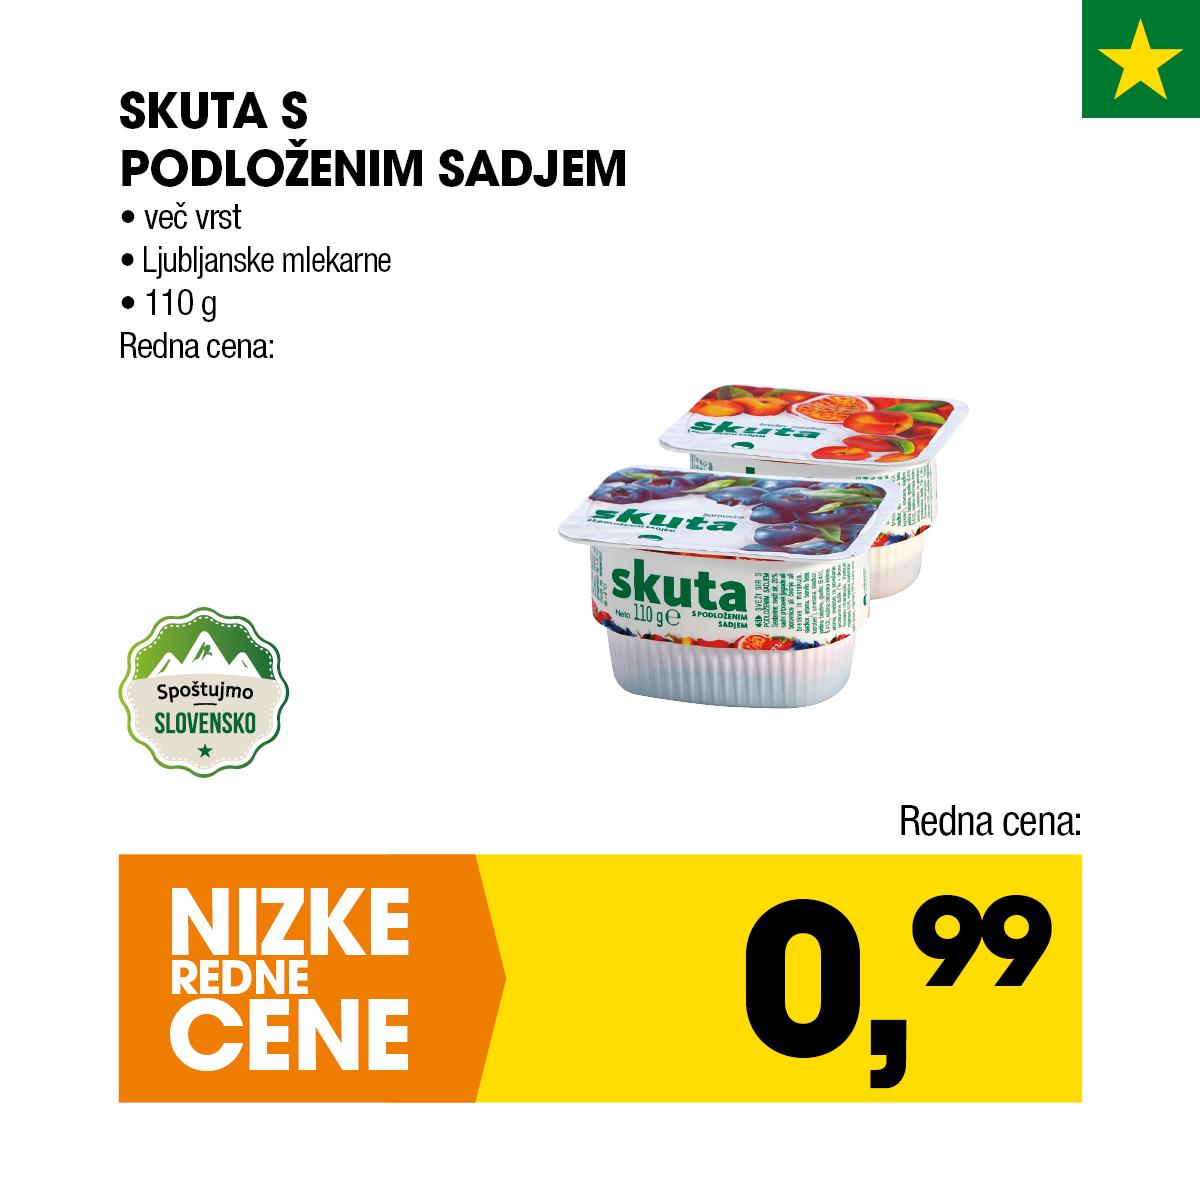 Nizke cene - Skuta s podloženim sadjem